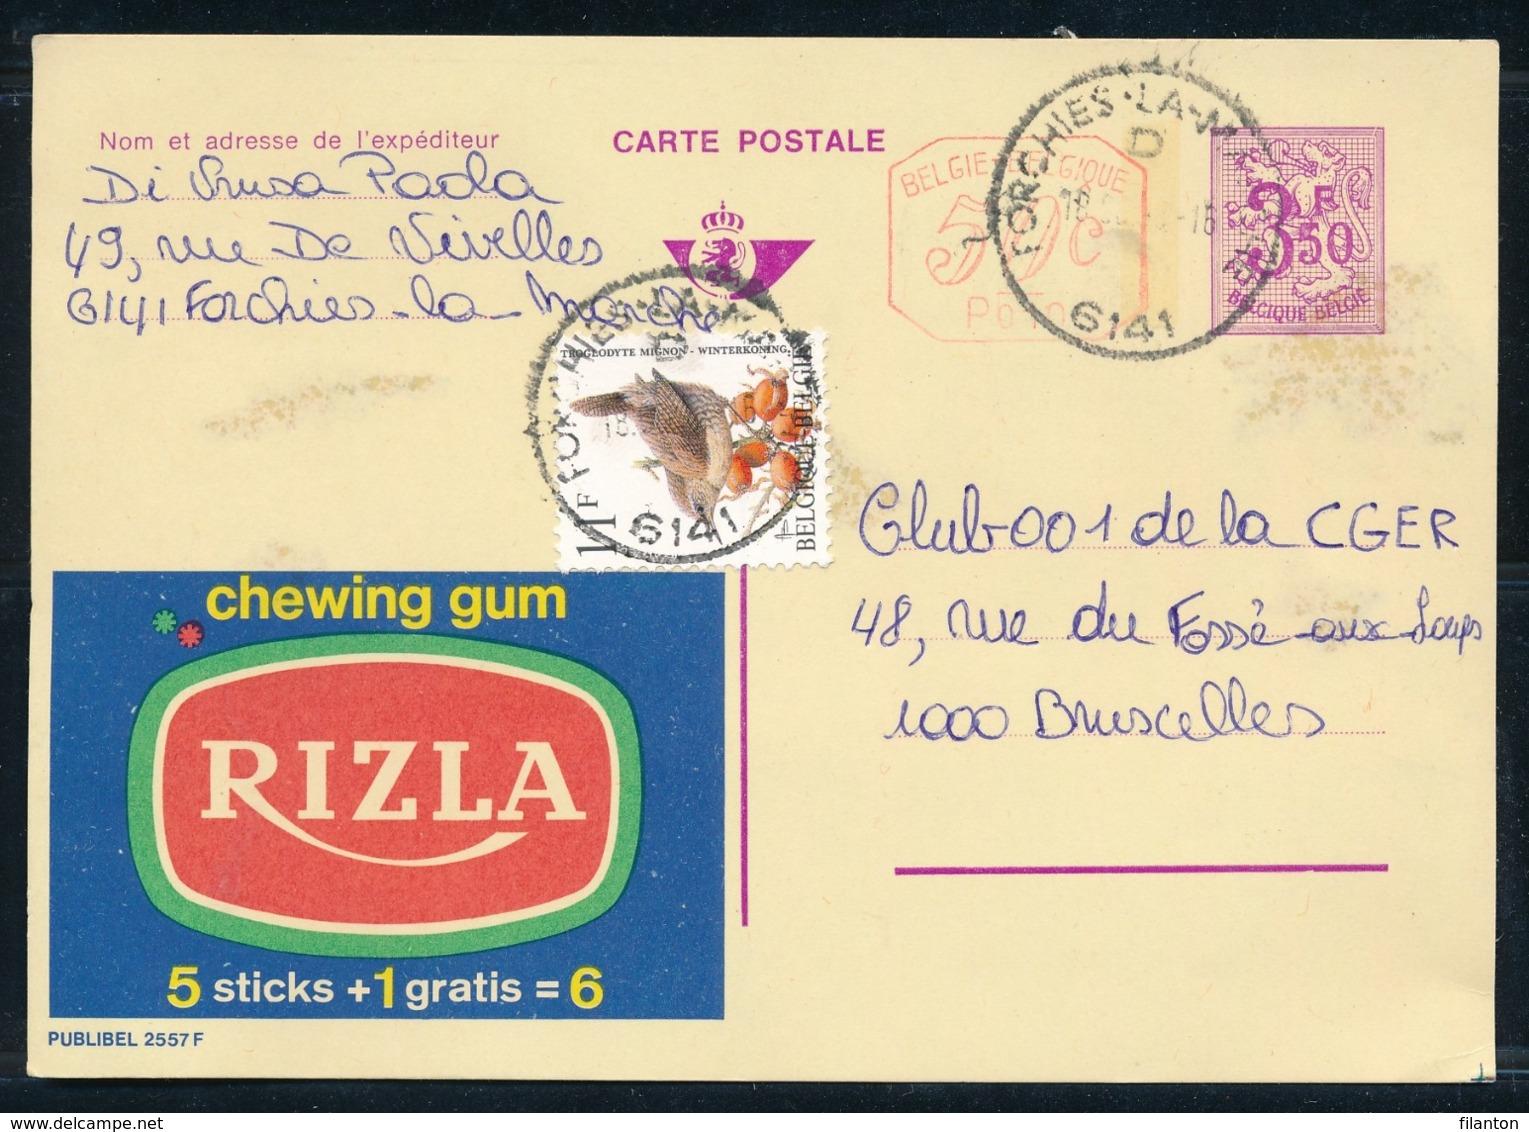 """PUBLIBEL Nr 2557F - Chewing Gum RIZLA - Cachet """"FORCHIES-LA-MARCHE 6141"""" - Enteros Postales"""